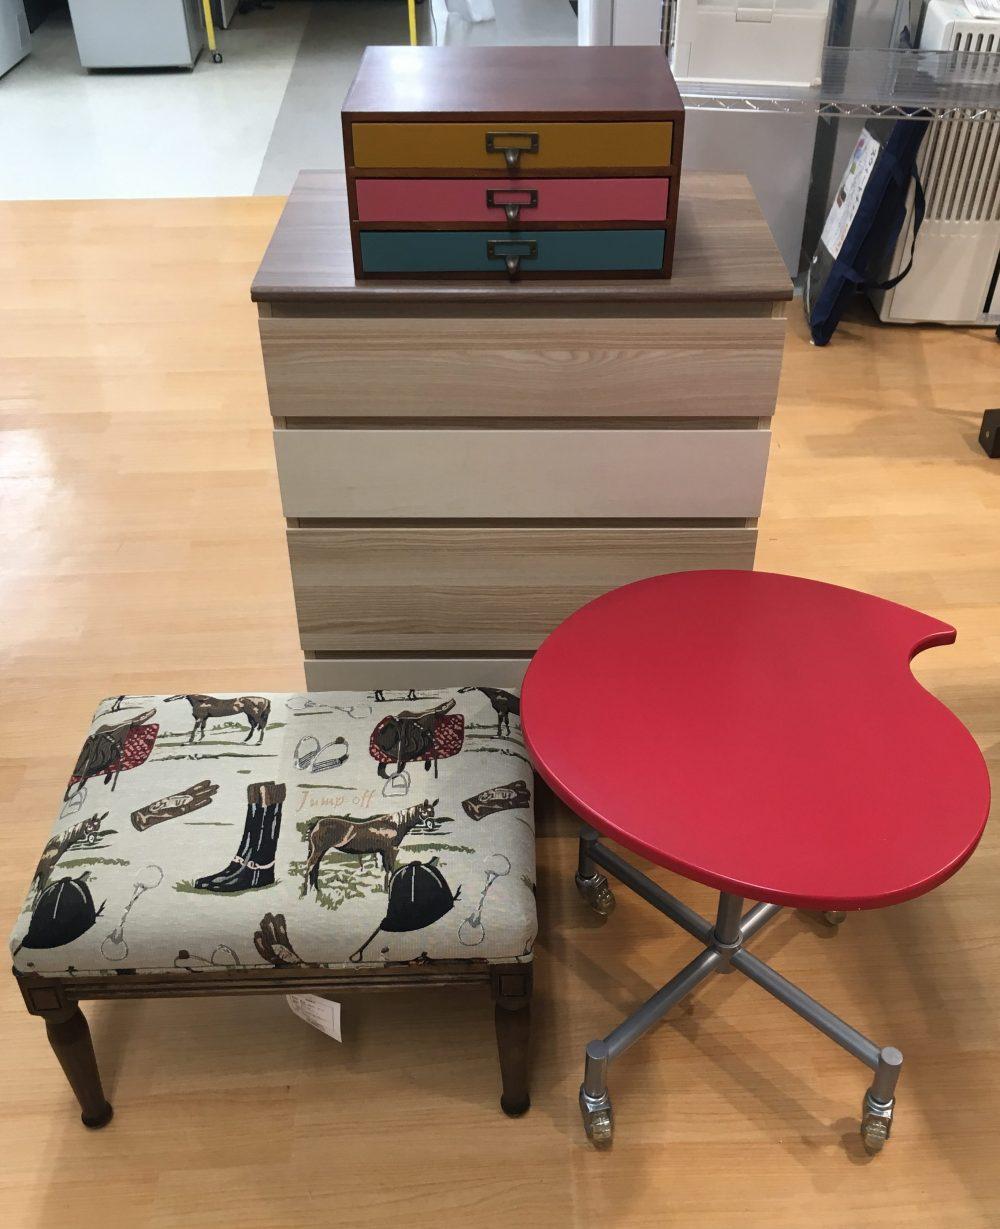 金沢市に小型家具の出張買取にお伺い致しました